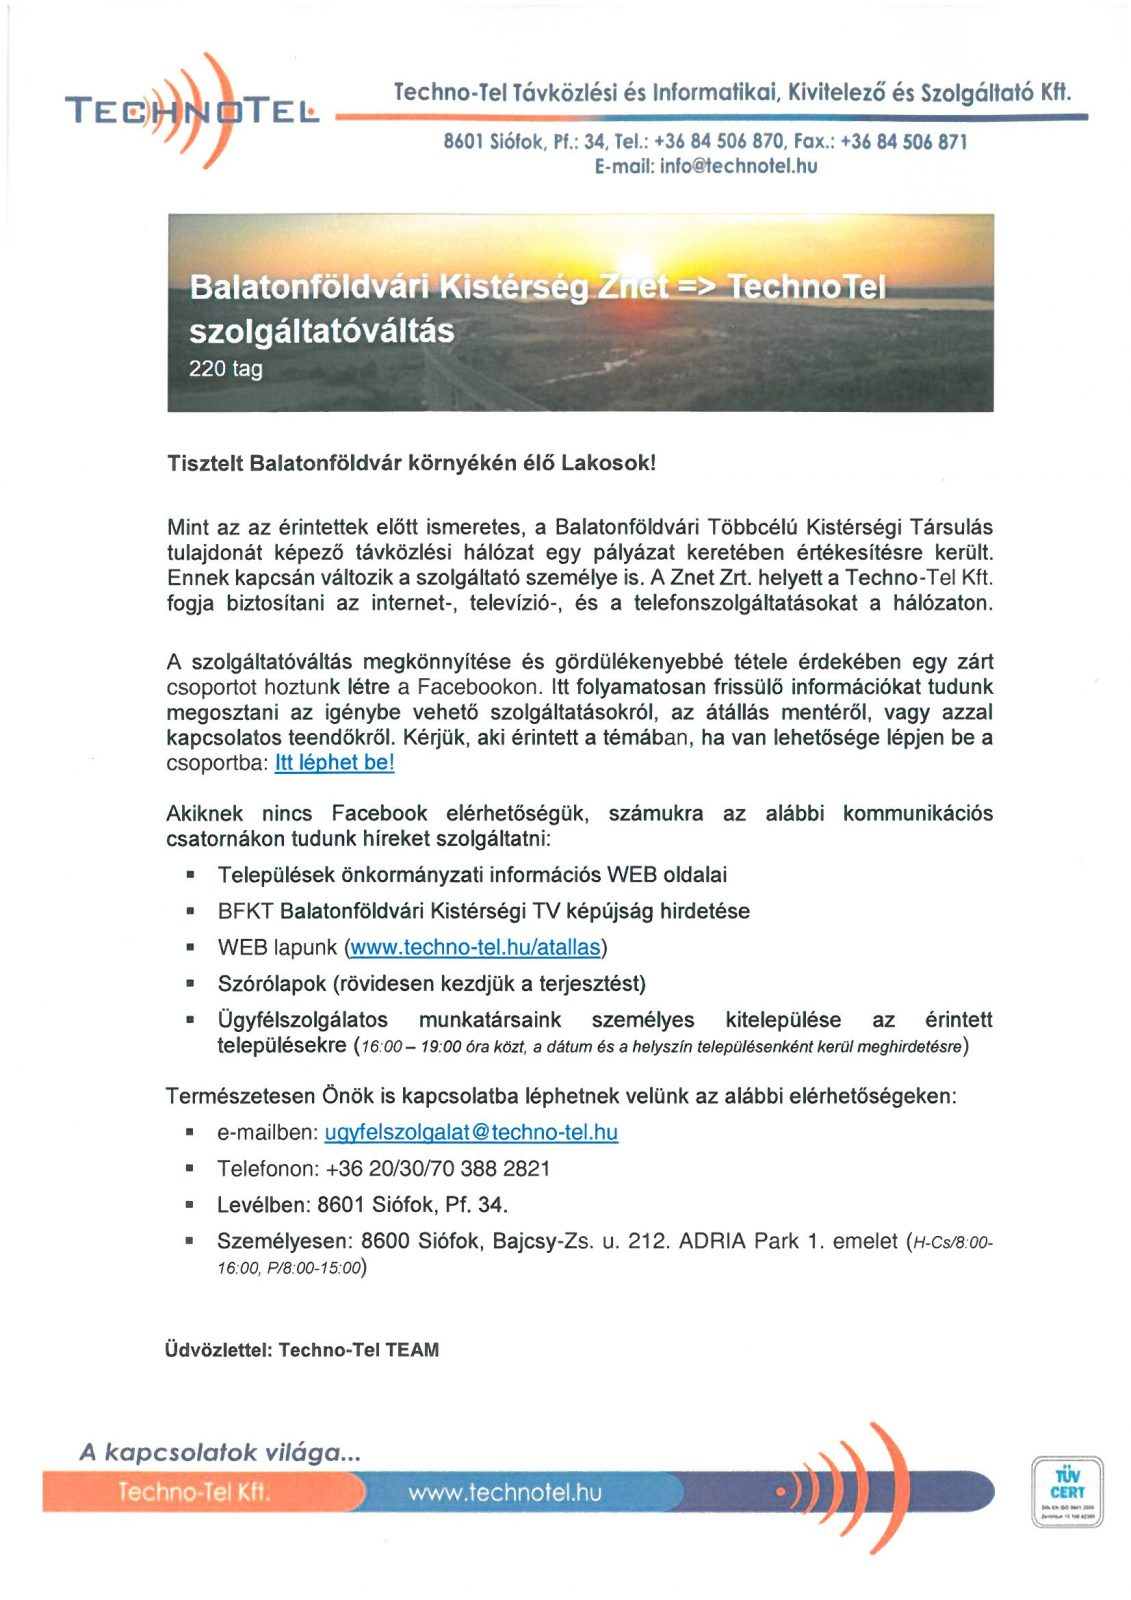 SKMBT C36020071413220 Szolgáltatóváltás (Znet -> Techno-Tel)